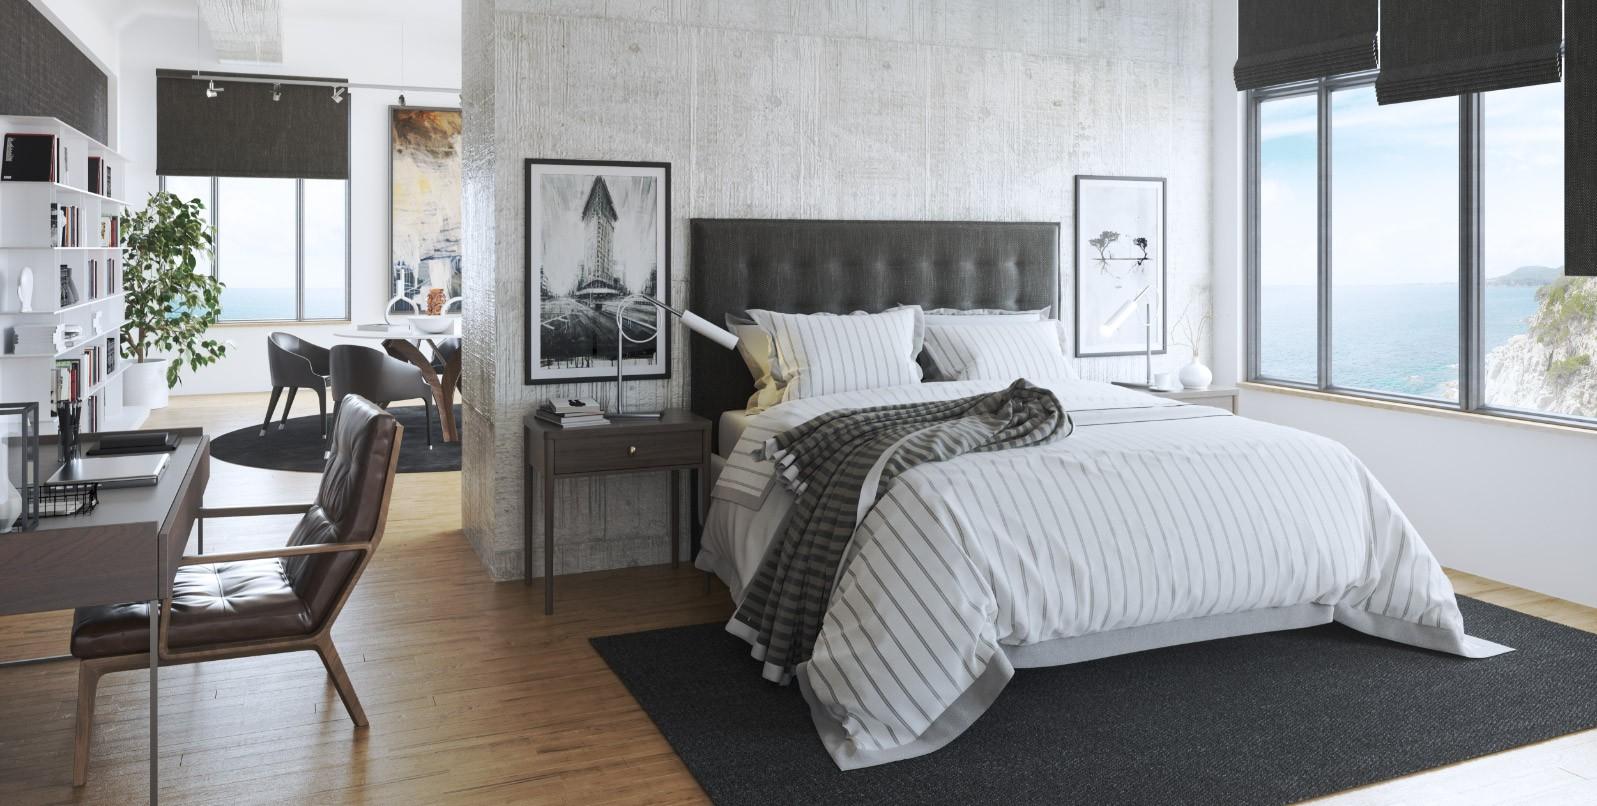 Equipos de descanso - Las camas completas de SB Descanso